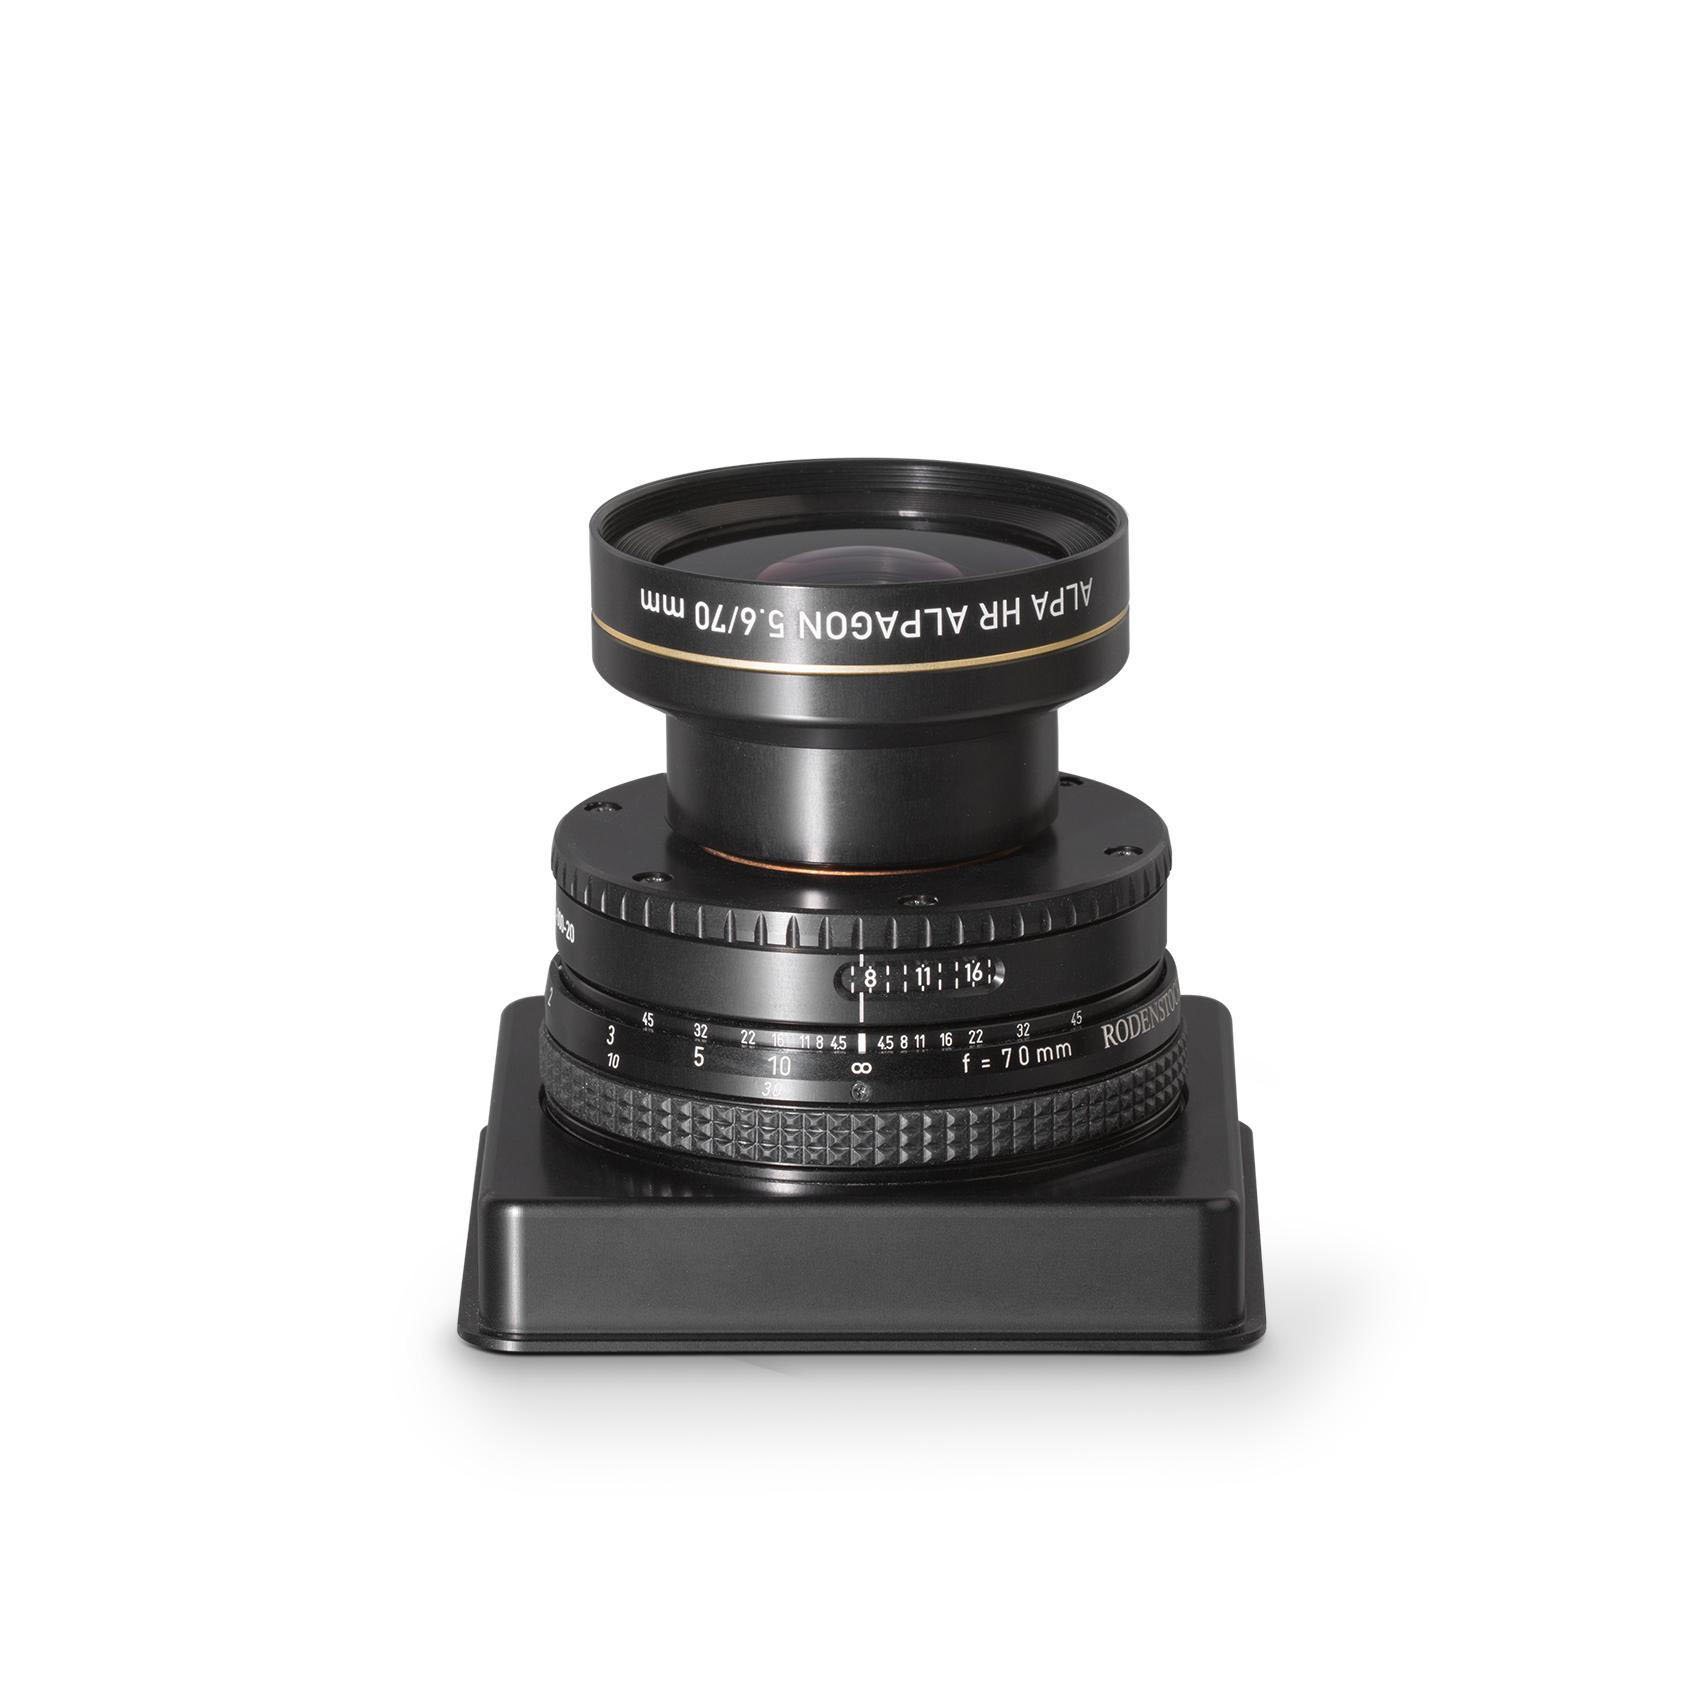 Rodenstock / ALPA HR Alpagon 5.6/70 mm, LB, in Aperture Unit